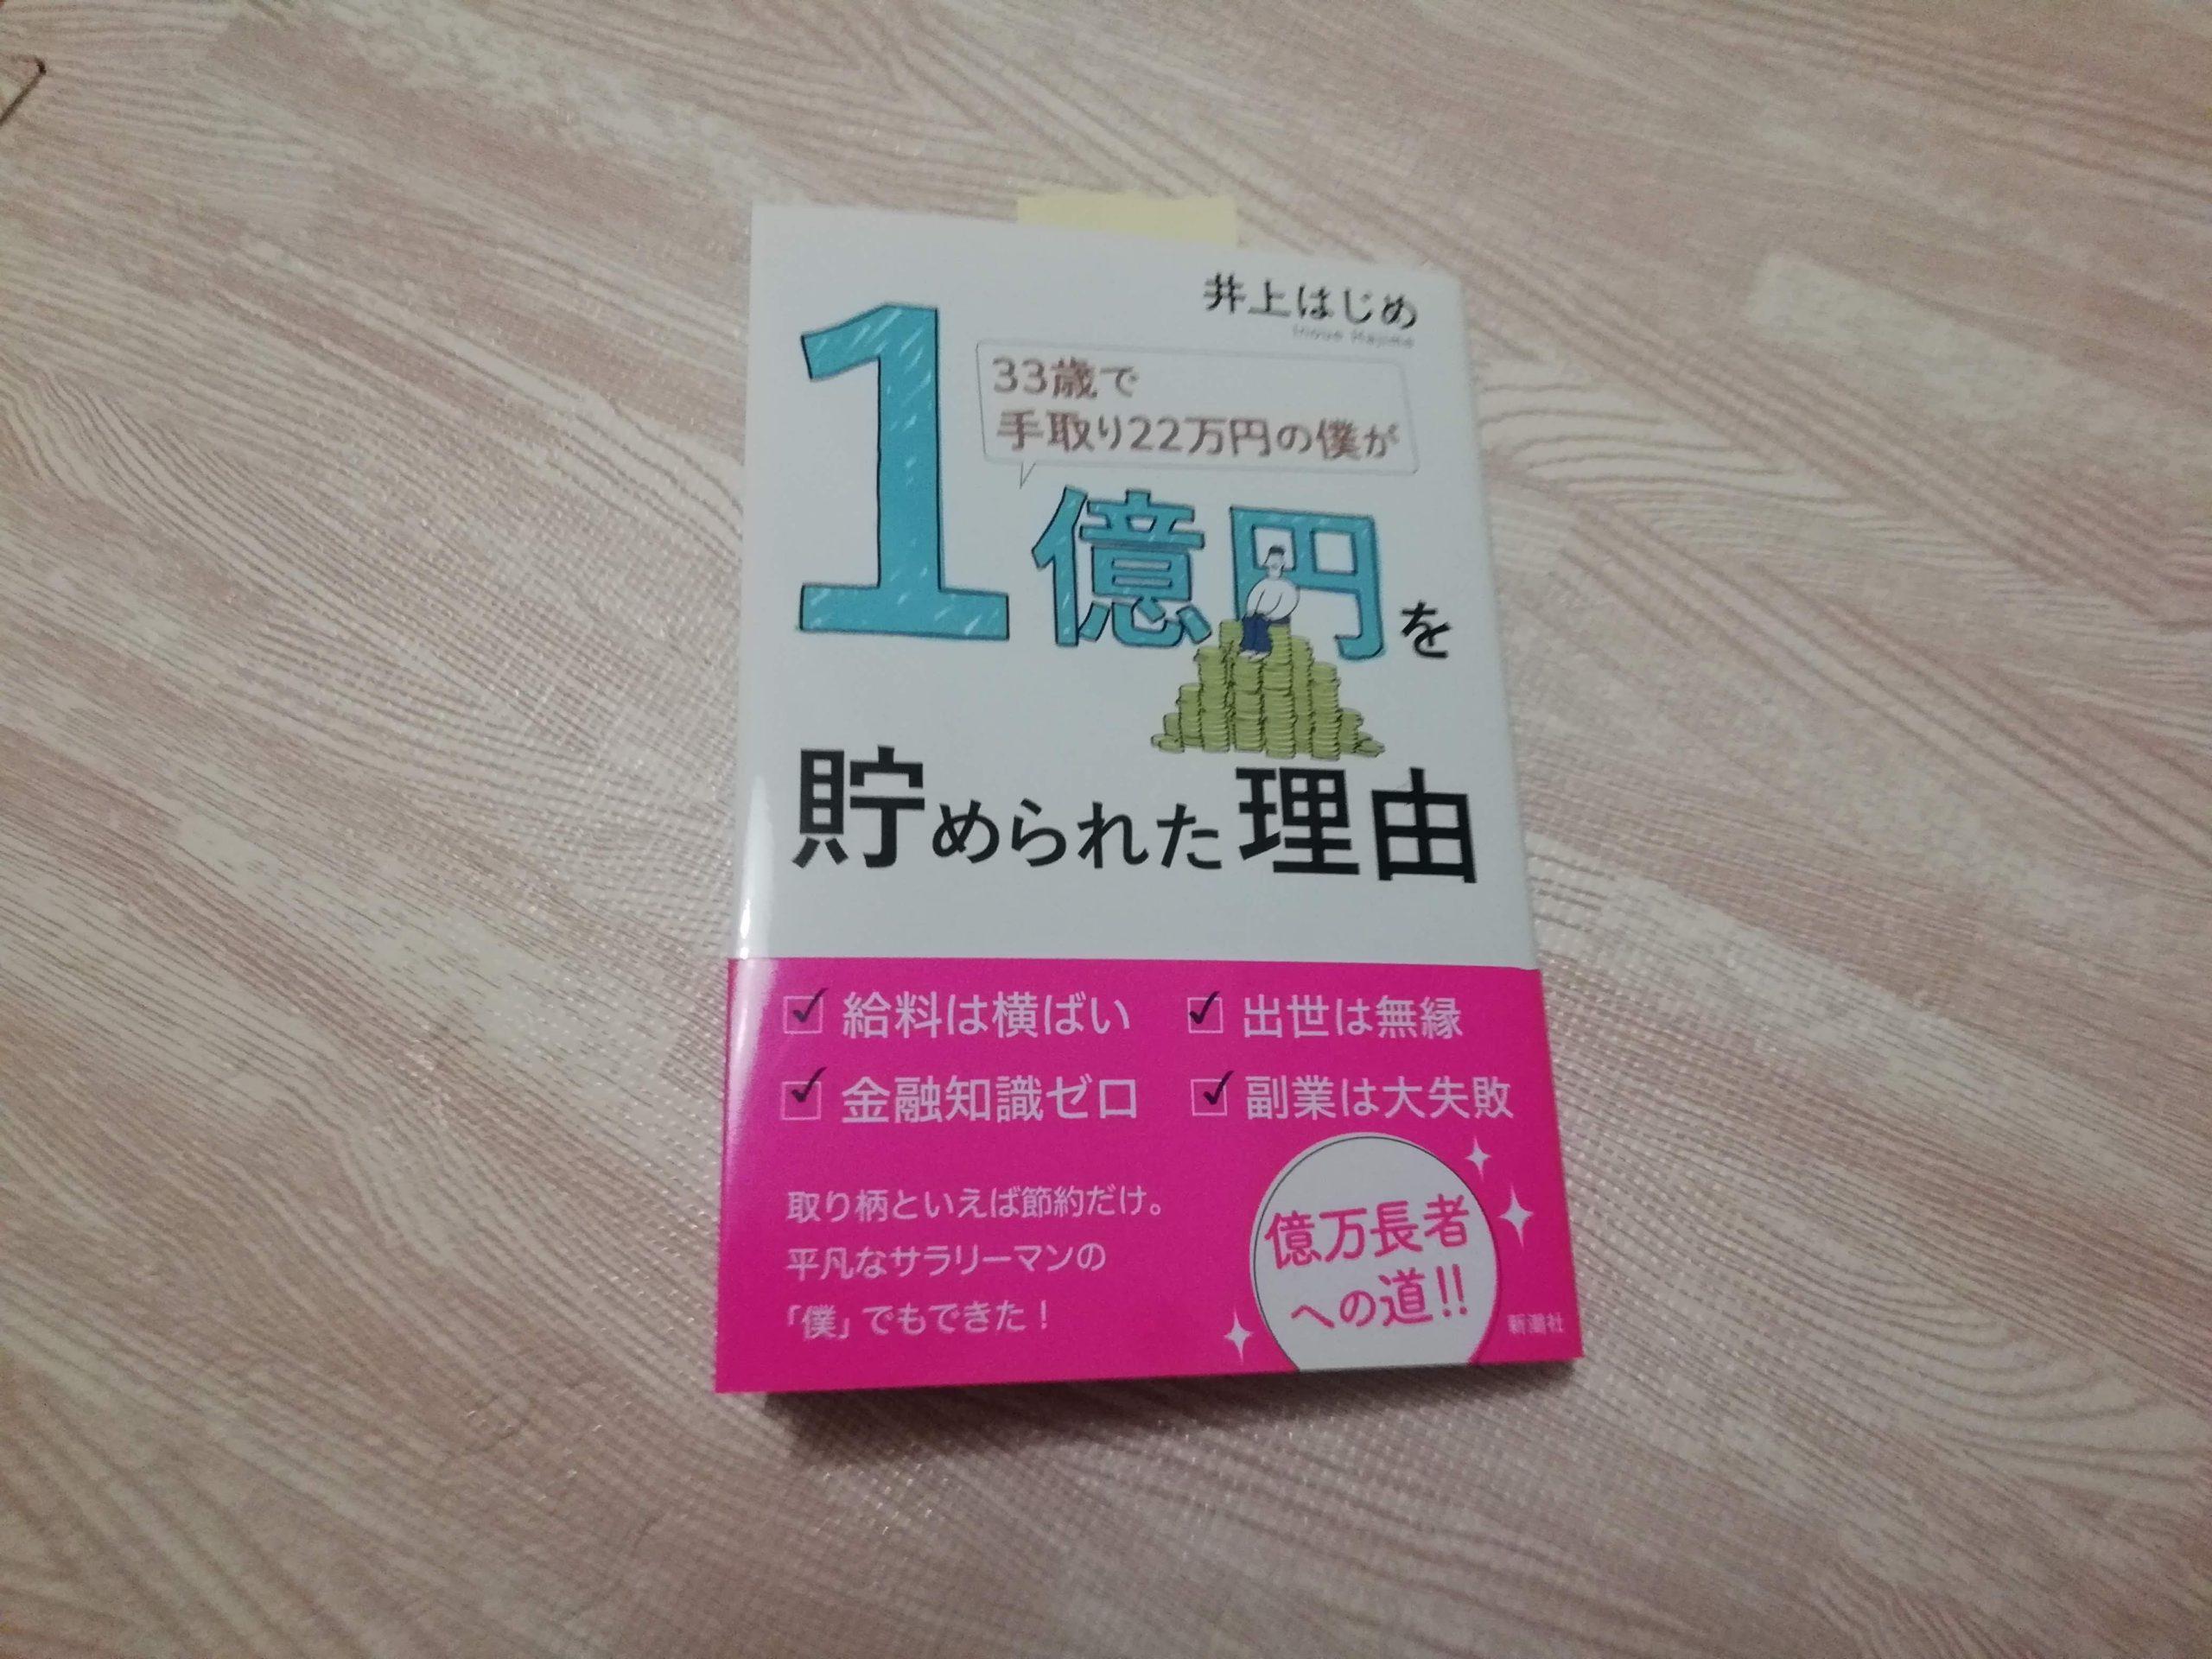 【子供に残したい本】 33歳で手取り22万円の僕が1億円を貯められた理由